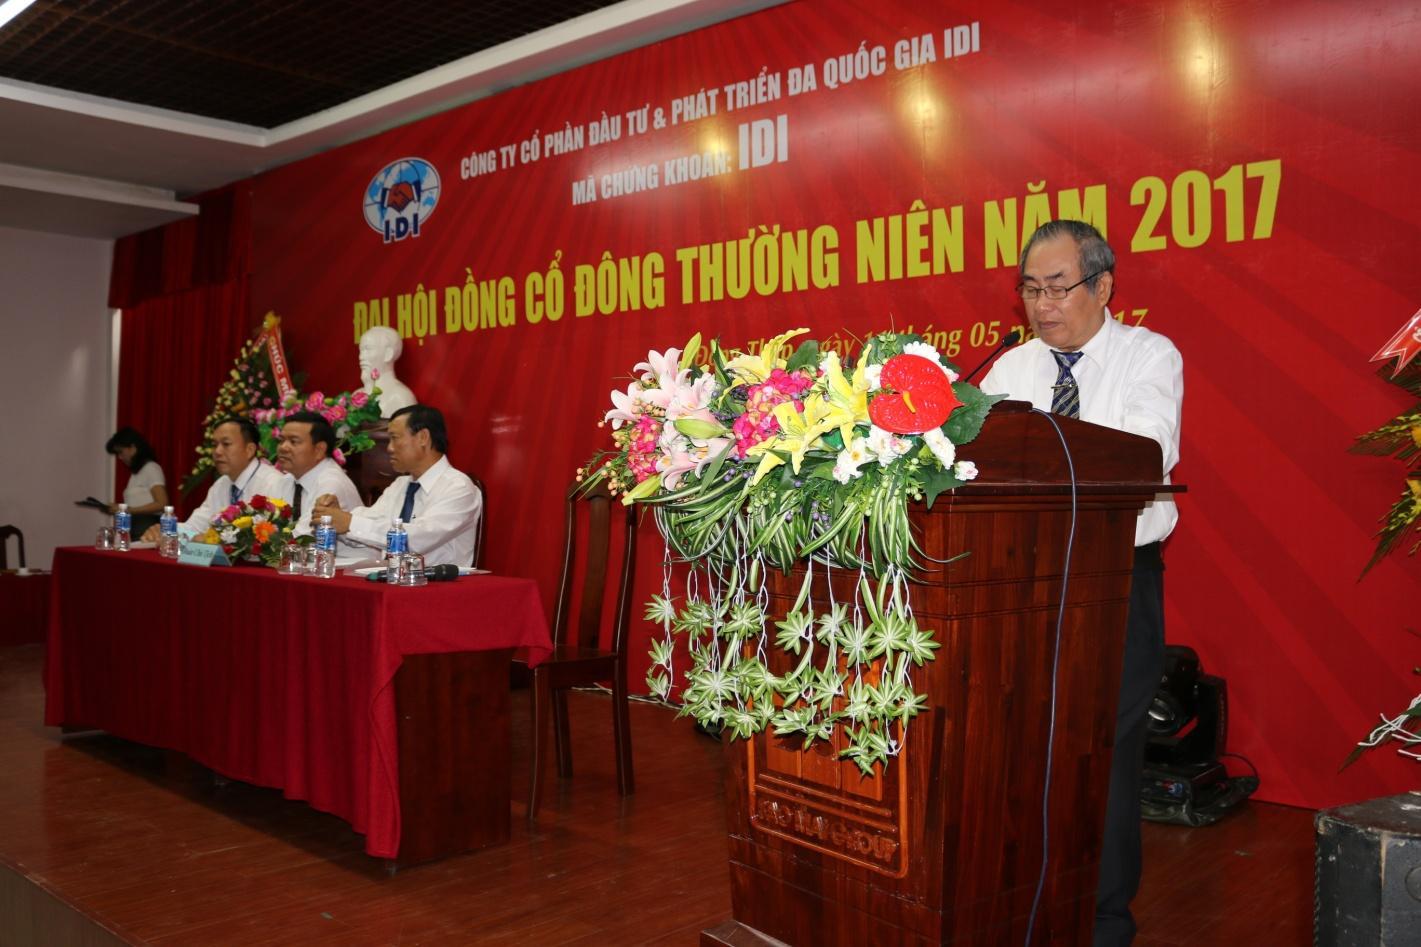 1. Ông Nguyễn Văn Hung - Phó Chủ tịch HĐQT Tập đoàn Sao Mai đọc diễn văn khai mạc phiên họp.JPG